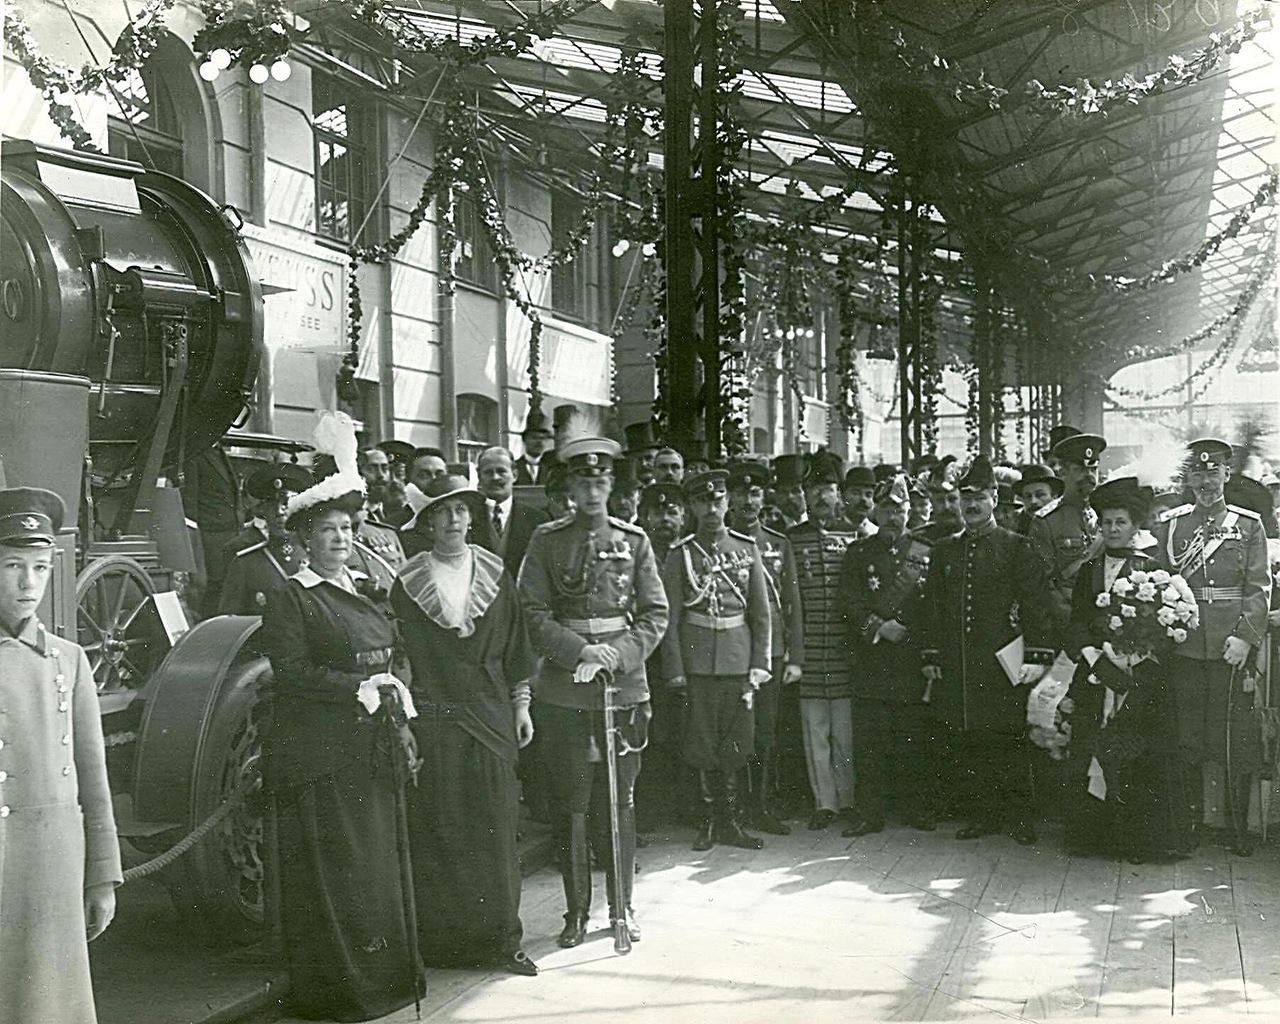 0_a9411_7d619a13_XXXLНа первом плане слева направо - великая княгиня Мария Павловна; великая княгиня Виктория Федоровна; великий князь Дмитрий Павлович.